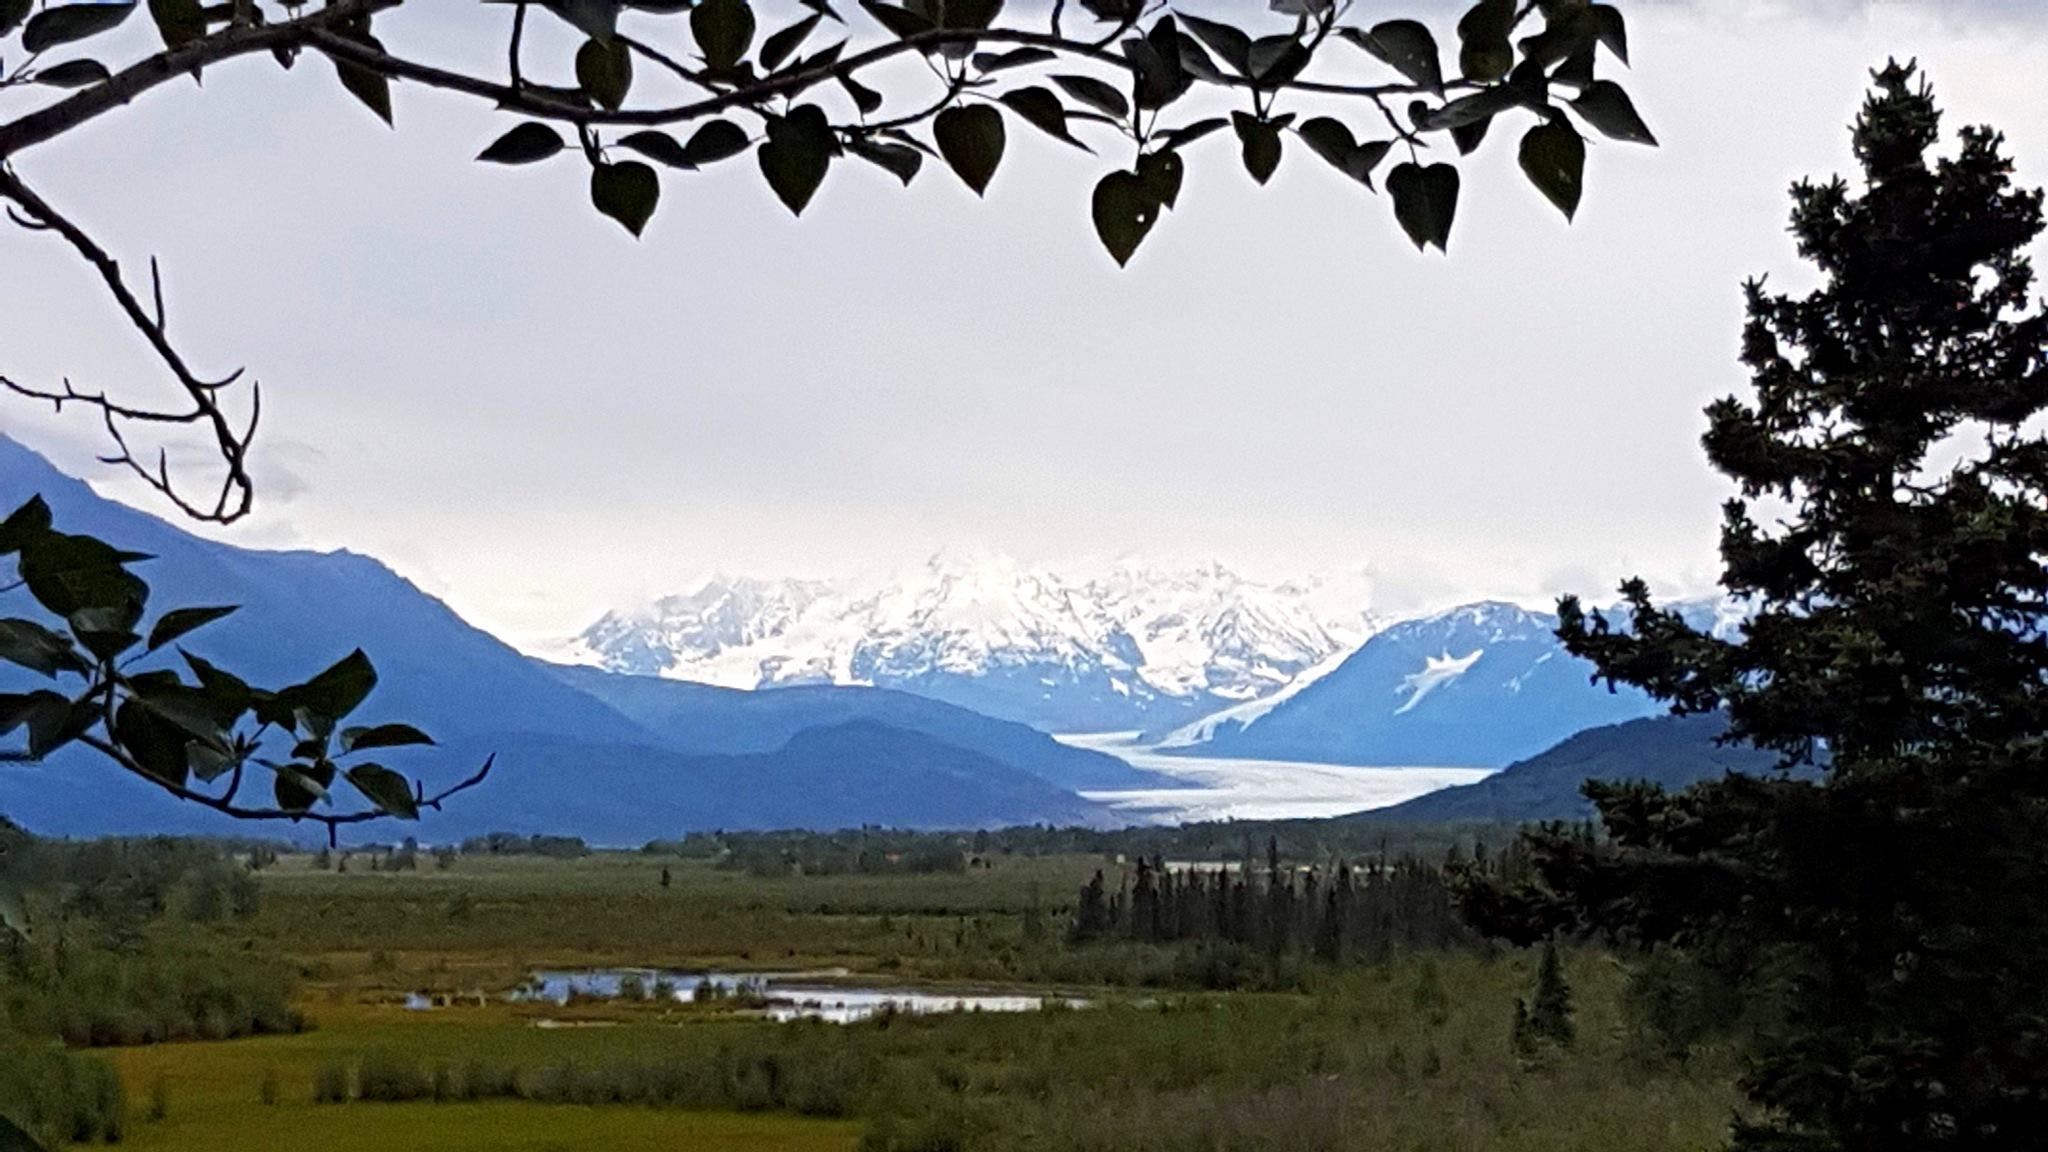 Knik Glacier  by teresa.thiele1